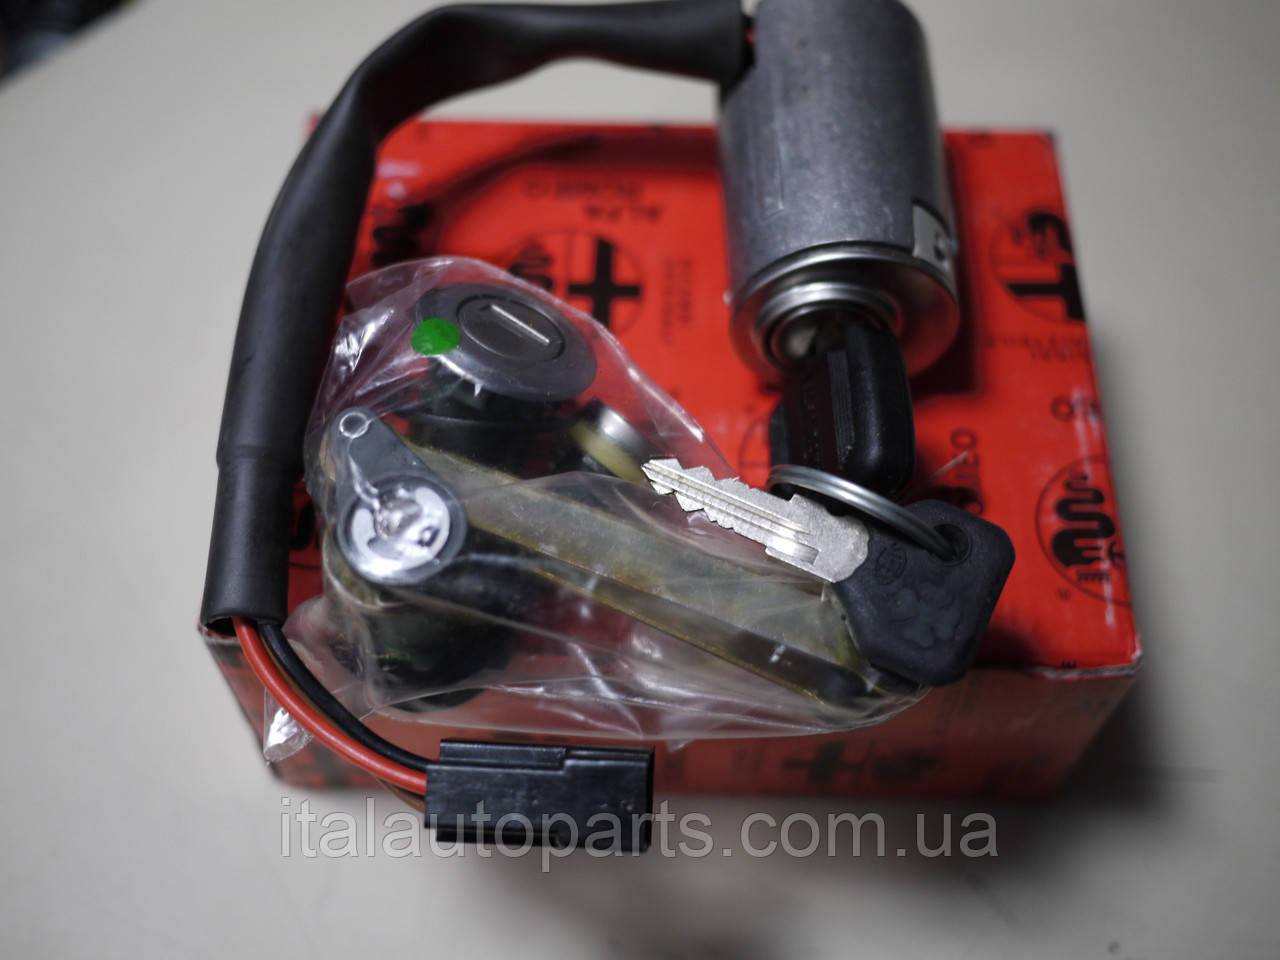 Замок зажигания Alfa Romeo 33, 75